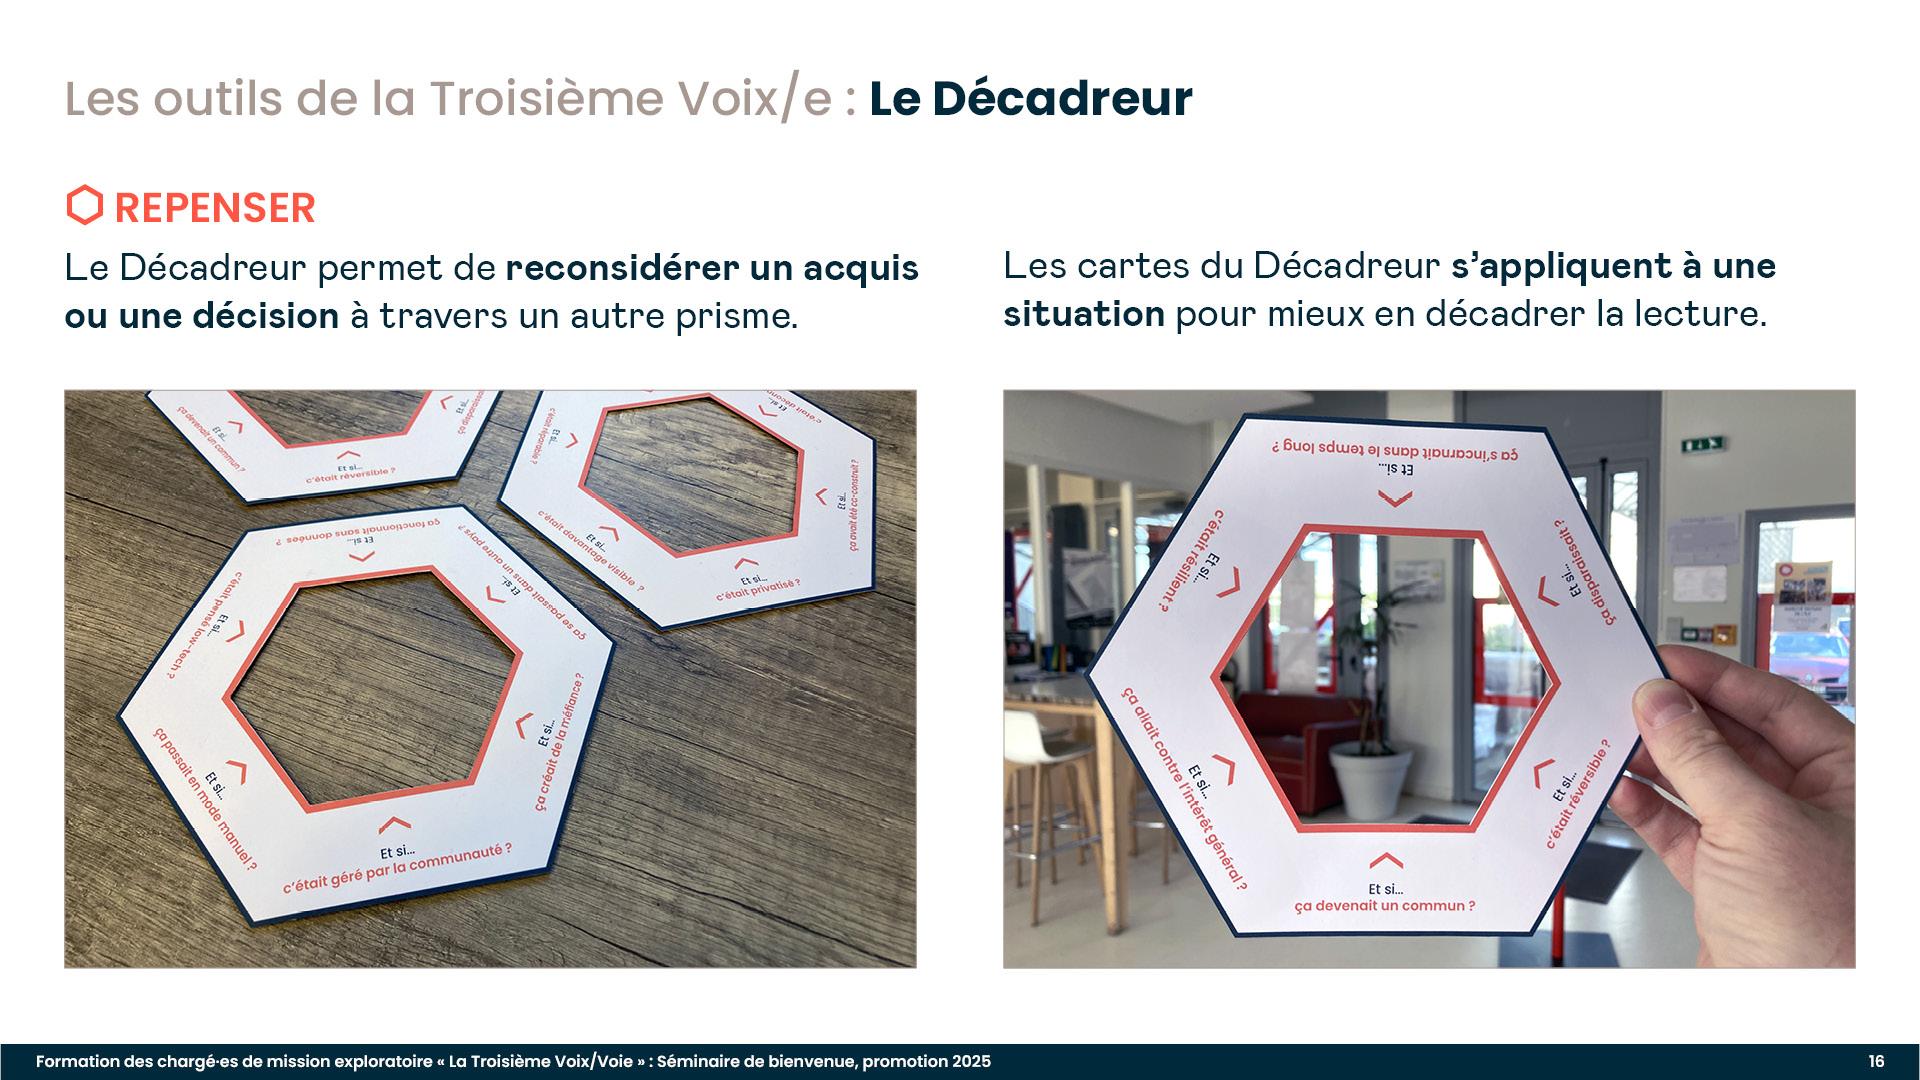 Diaporama de formation : présentation de l'outil Le Décadreur, pour explorer les alternatives à la mise en place d'un algorithme public